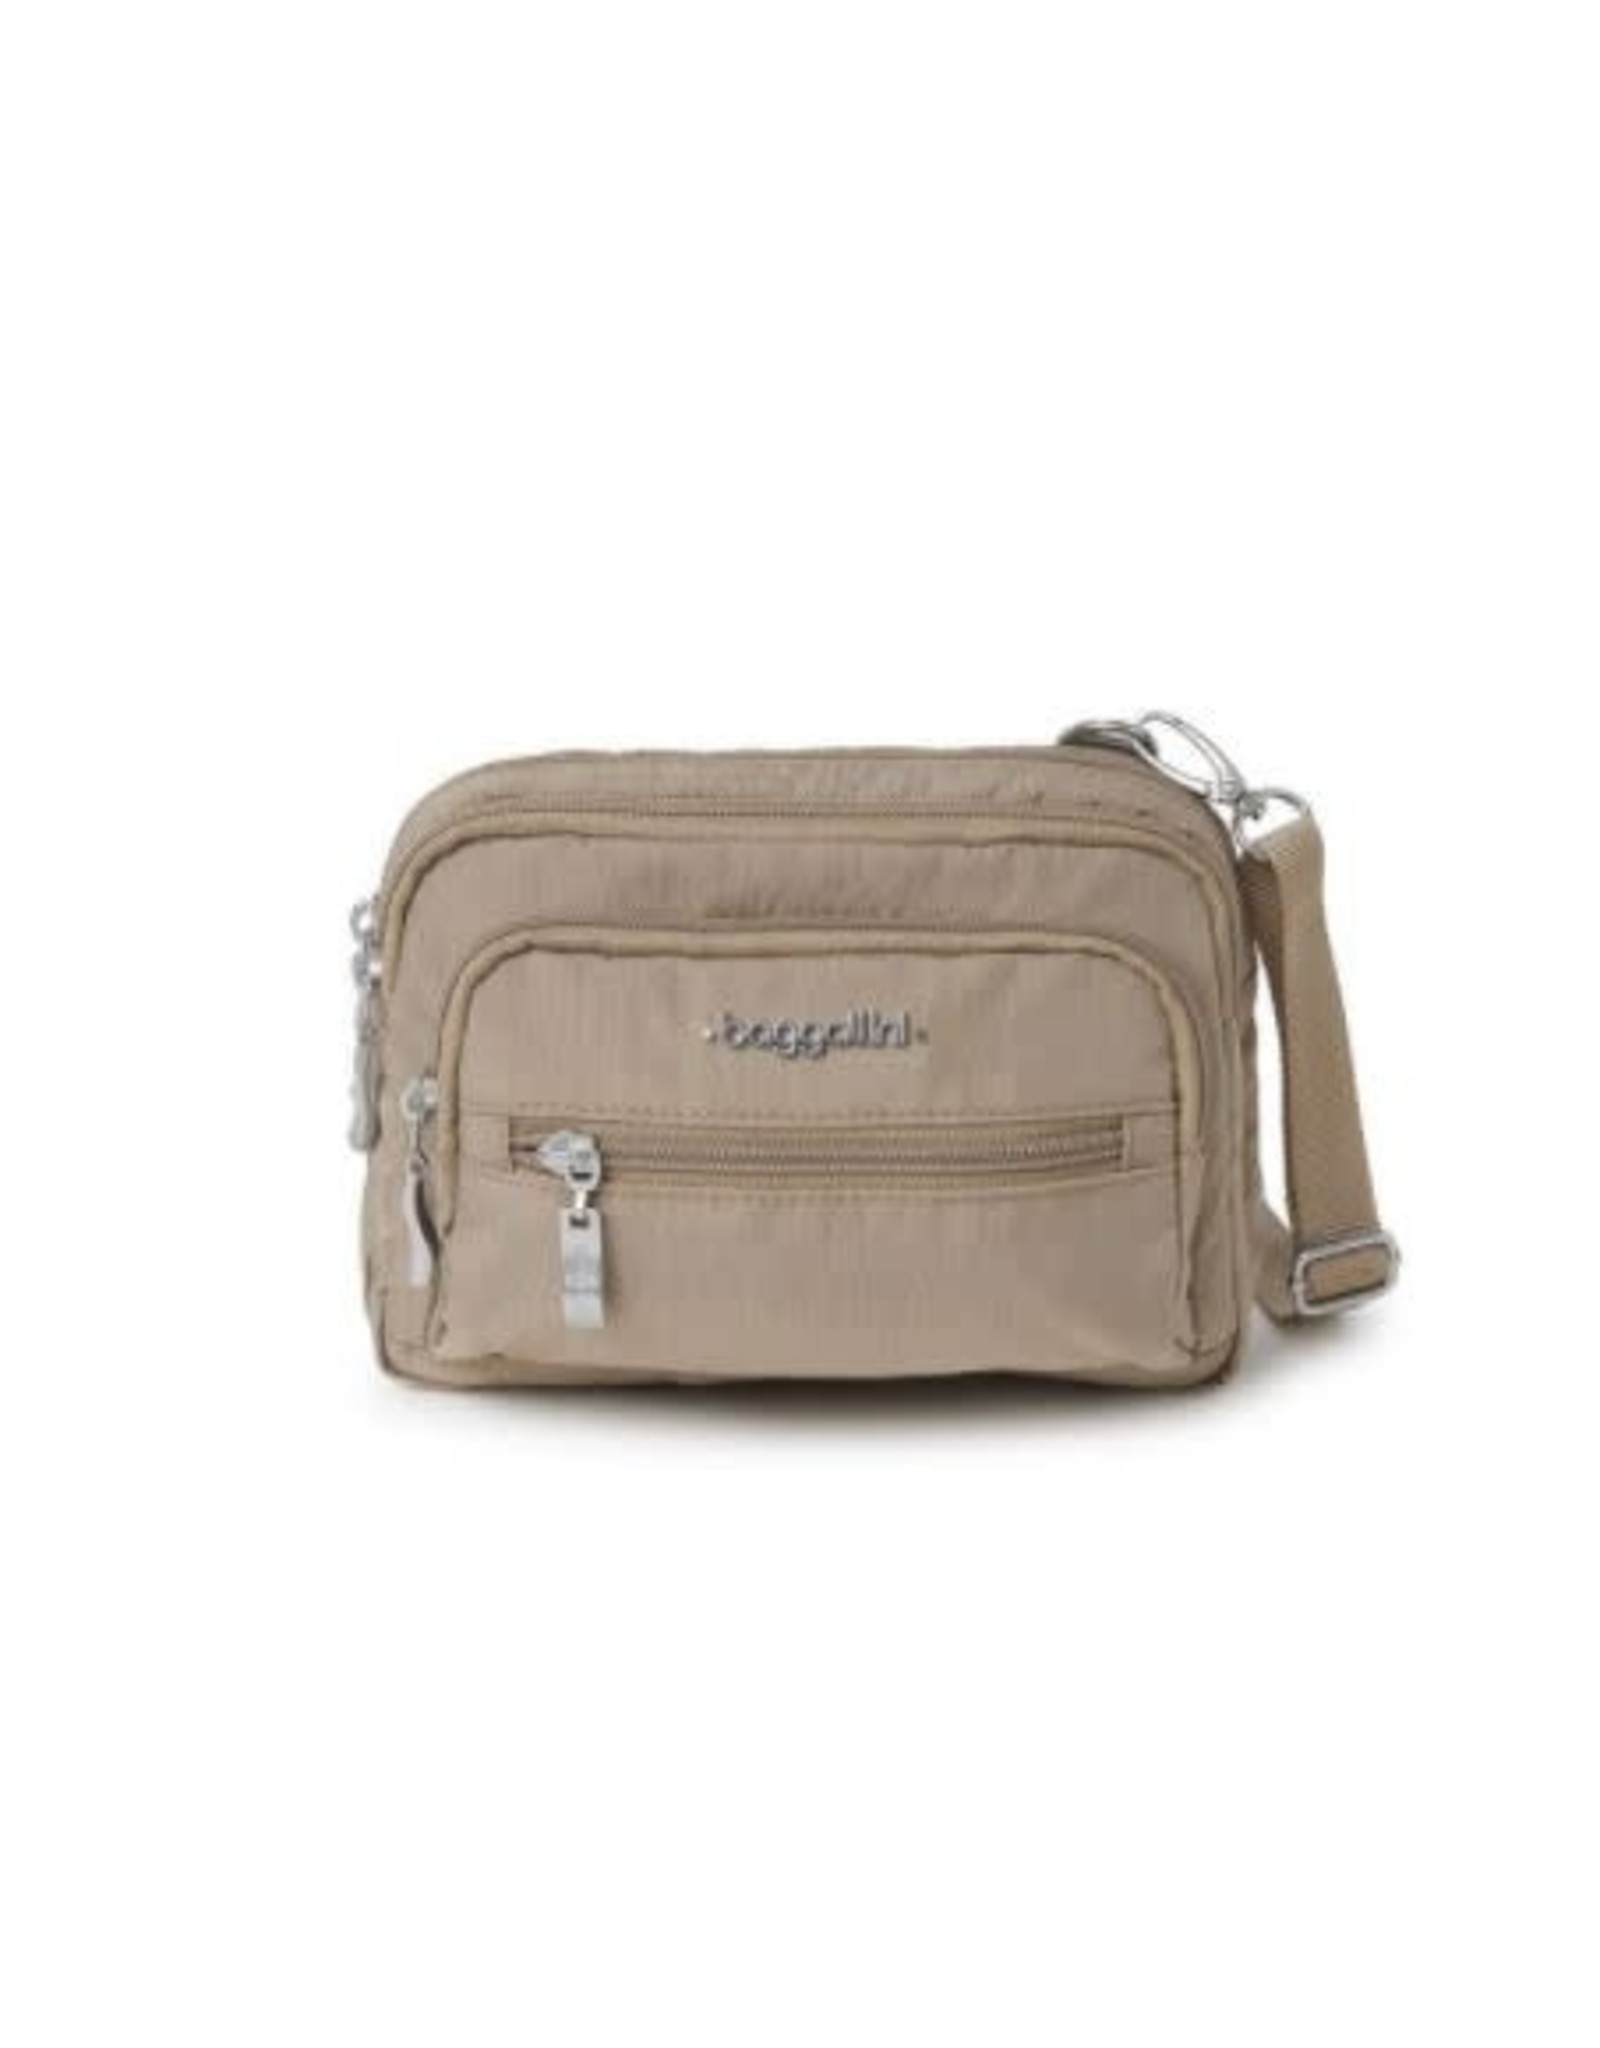 Baggallini TRIPLE ZIP BAG